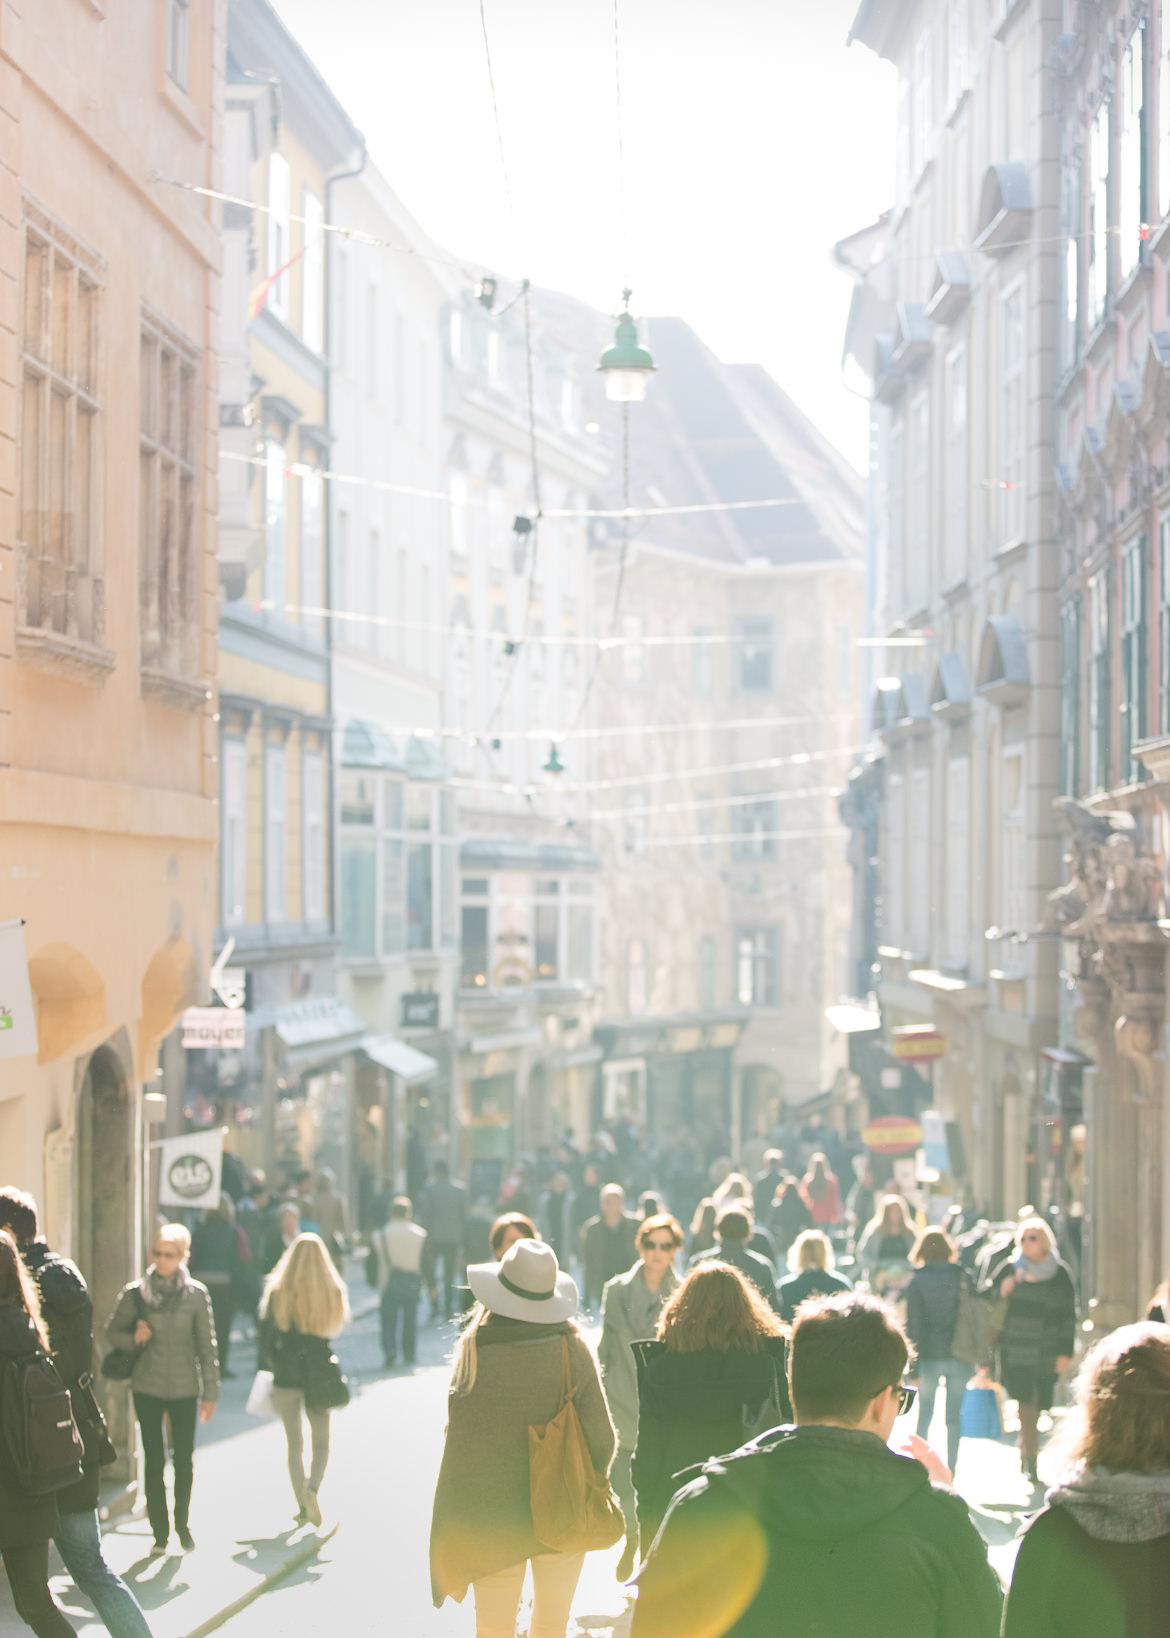 Kurt Remling Werbefotograf Grazer Innenstadt so richtig echt (1)